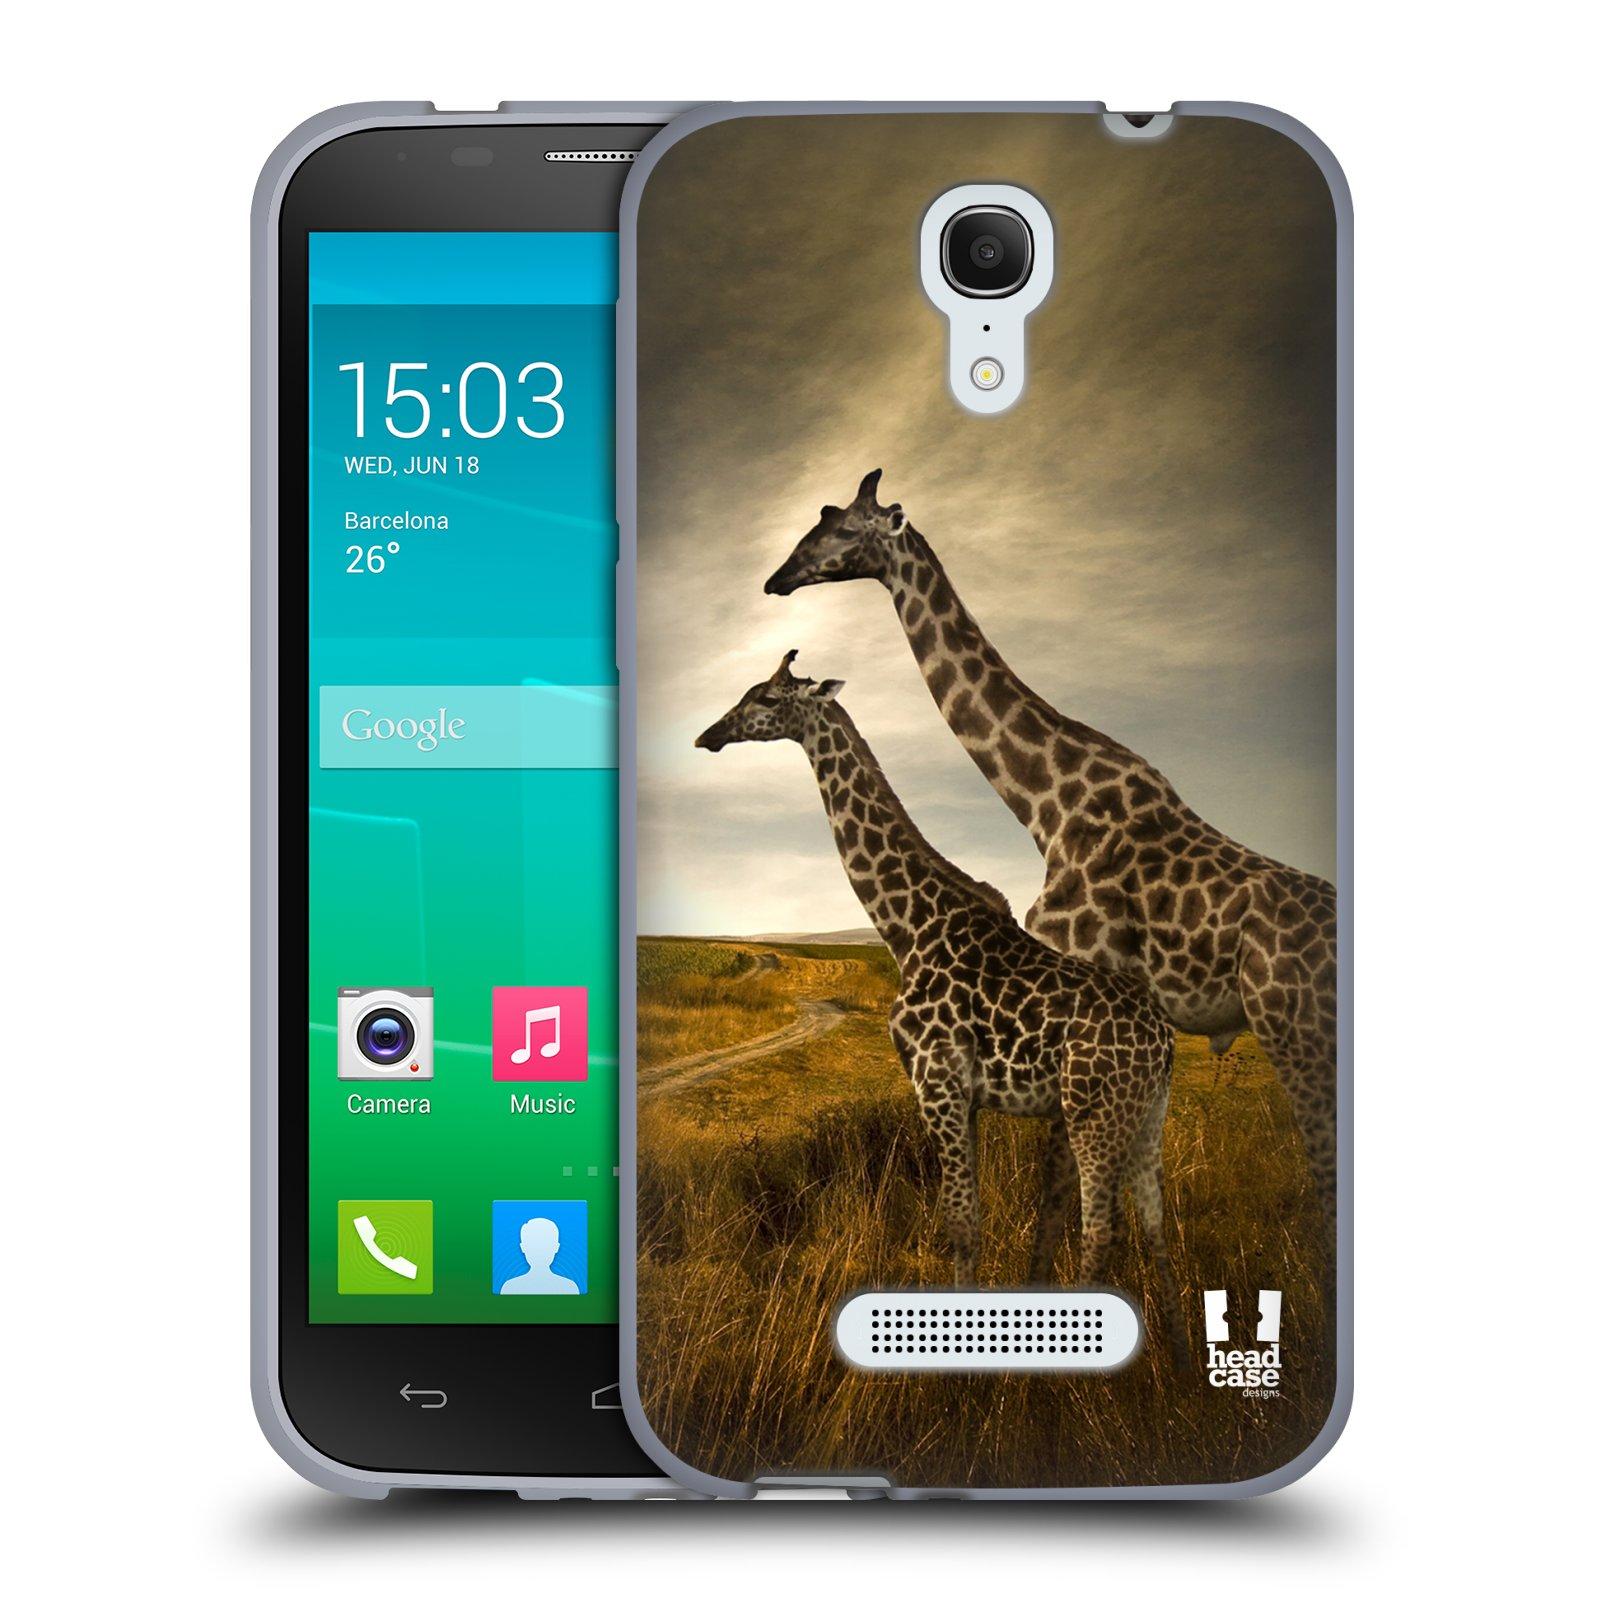 HEAD CASE silikonový obal na mobil Alcatel POP S7 vzor Divočina, Divoký život a zvířata foto AFRIKA ŽIRAFY VÝHLED